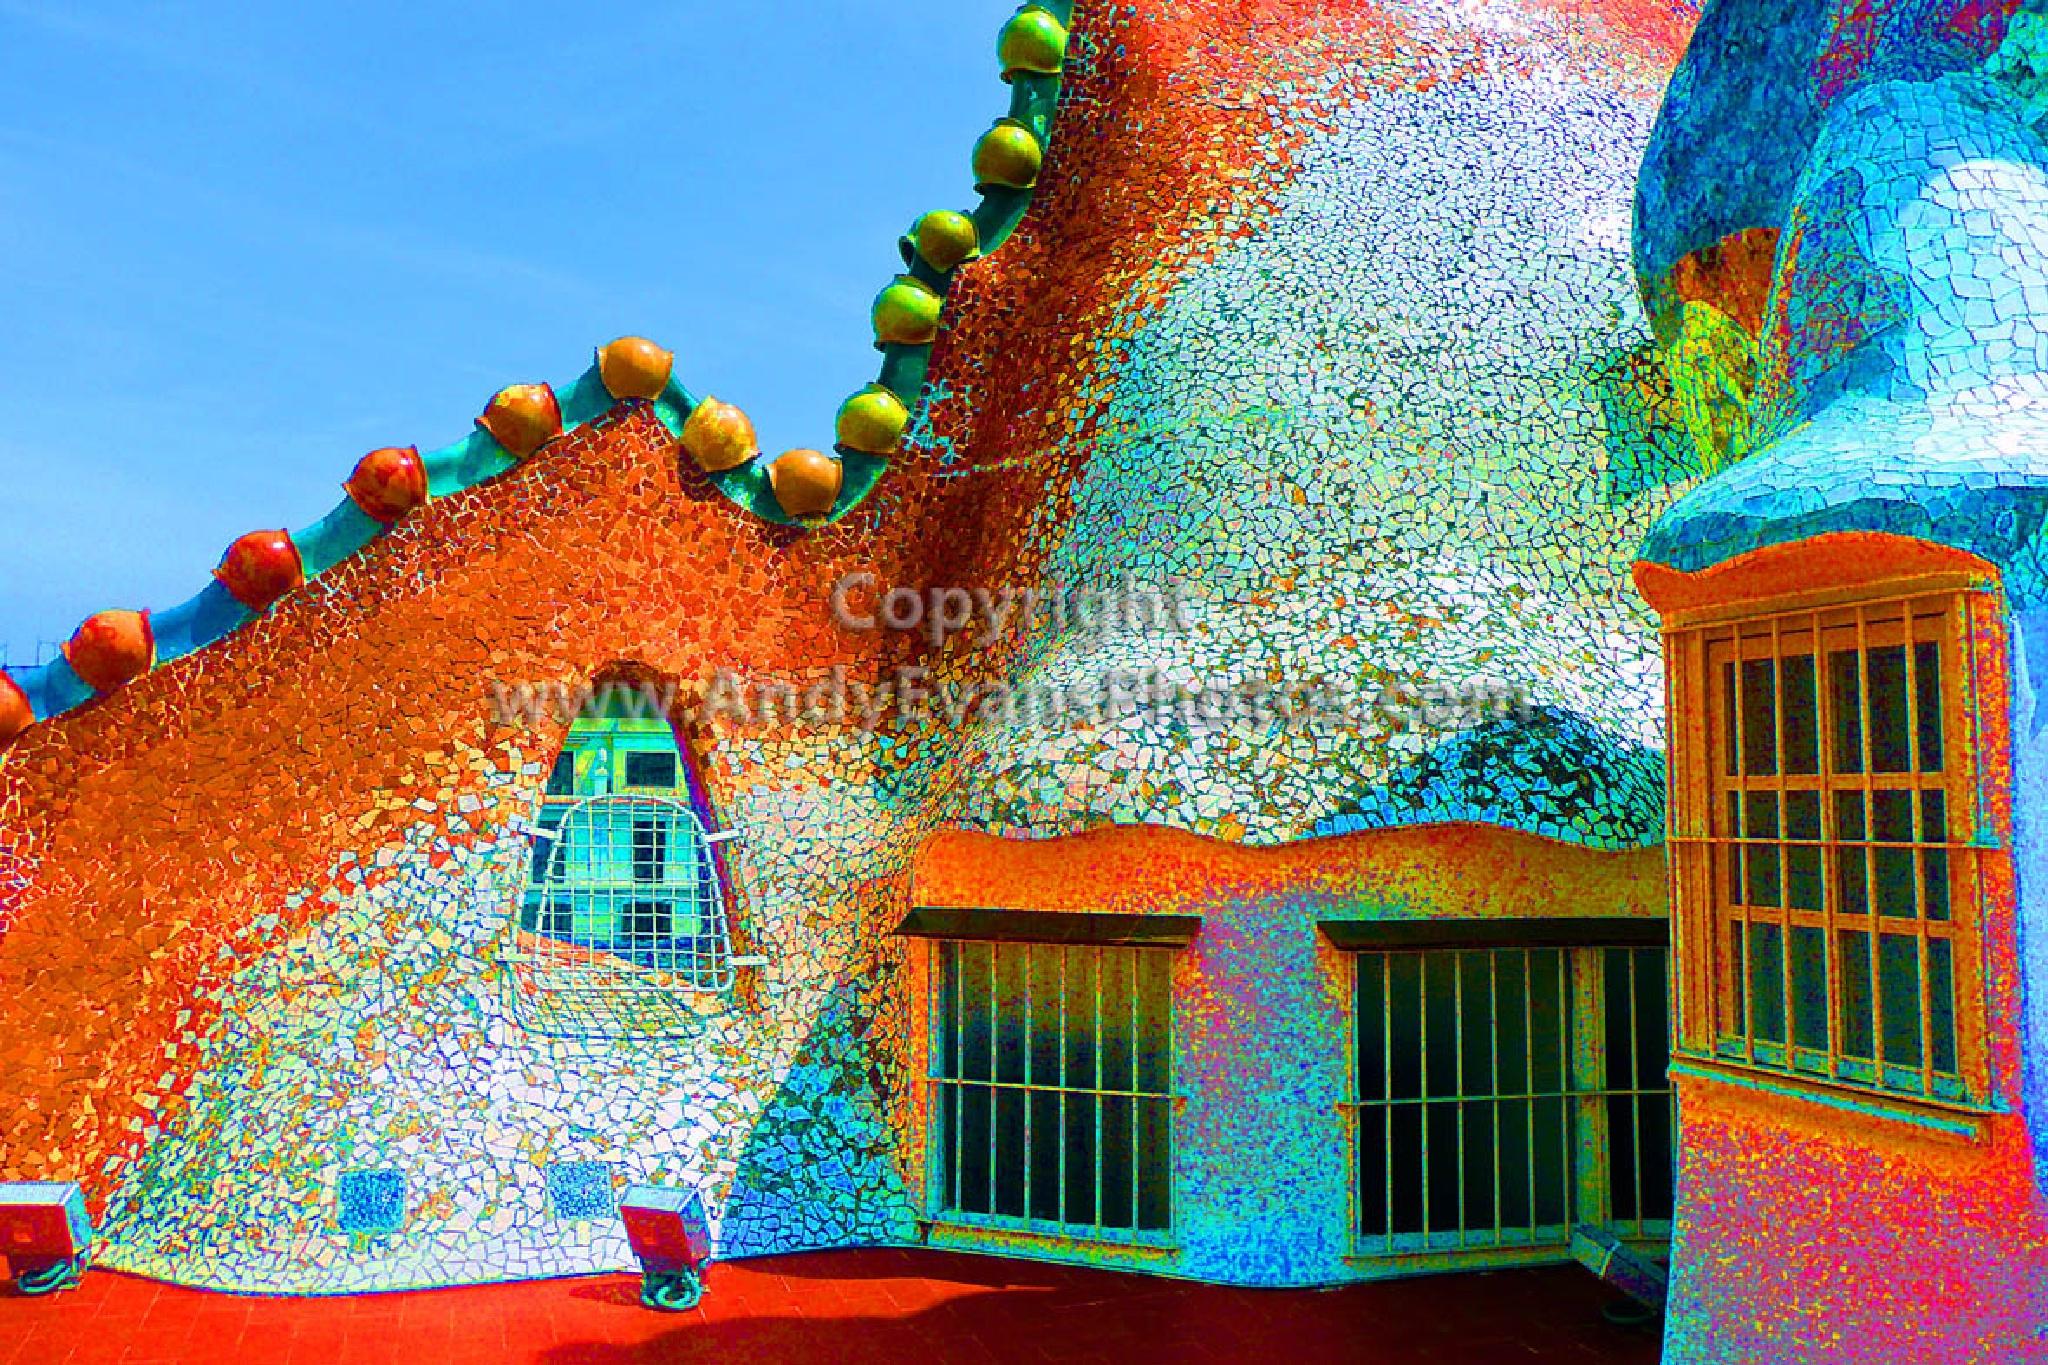 Casa Batllo Antonio Gaudi Building, Barcelona, Catalonia, Spain by AndyEvans